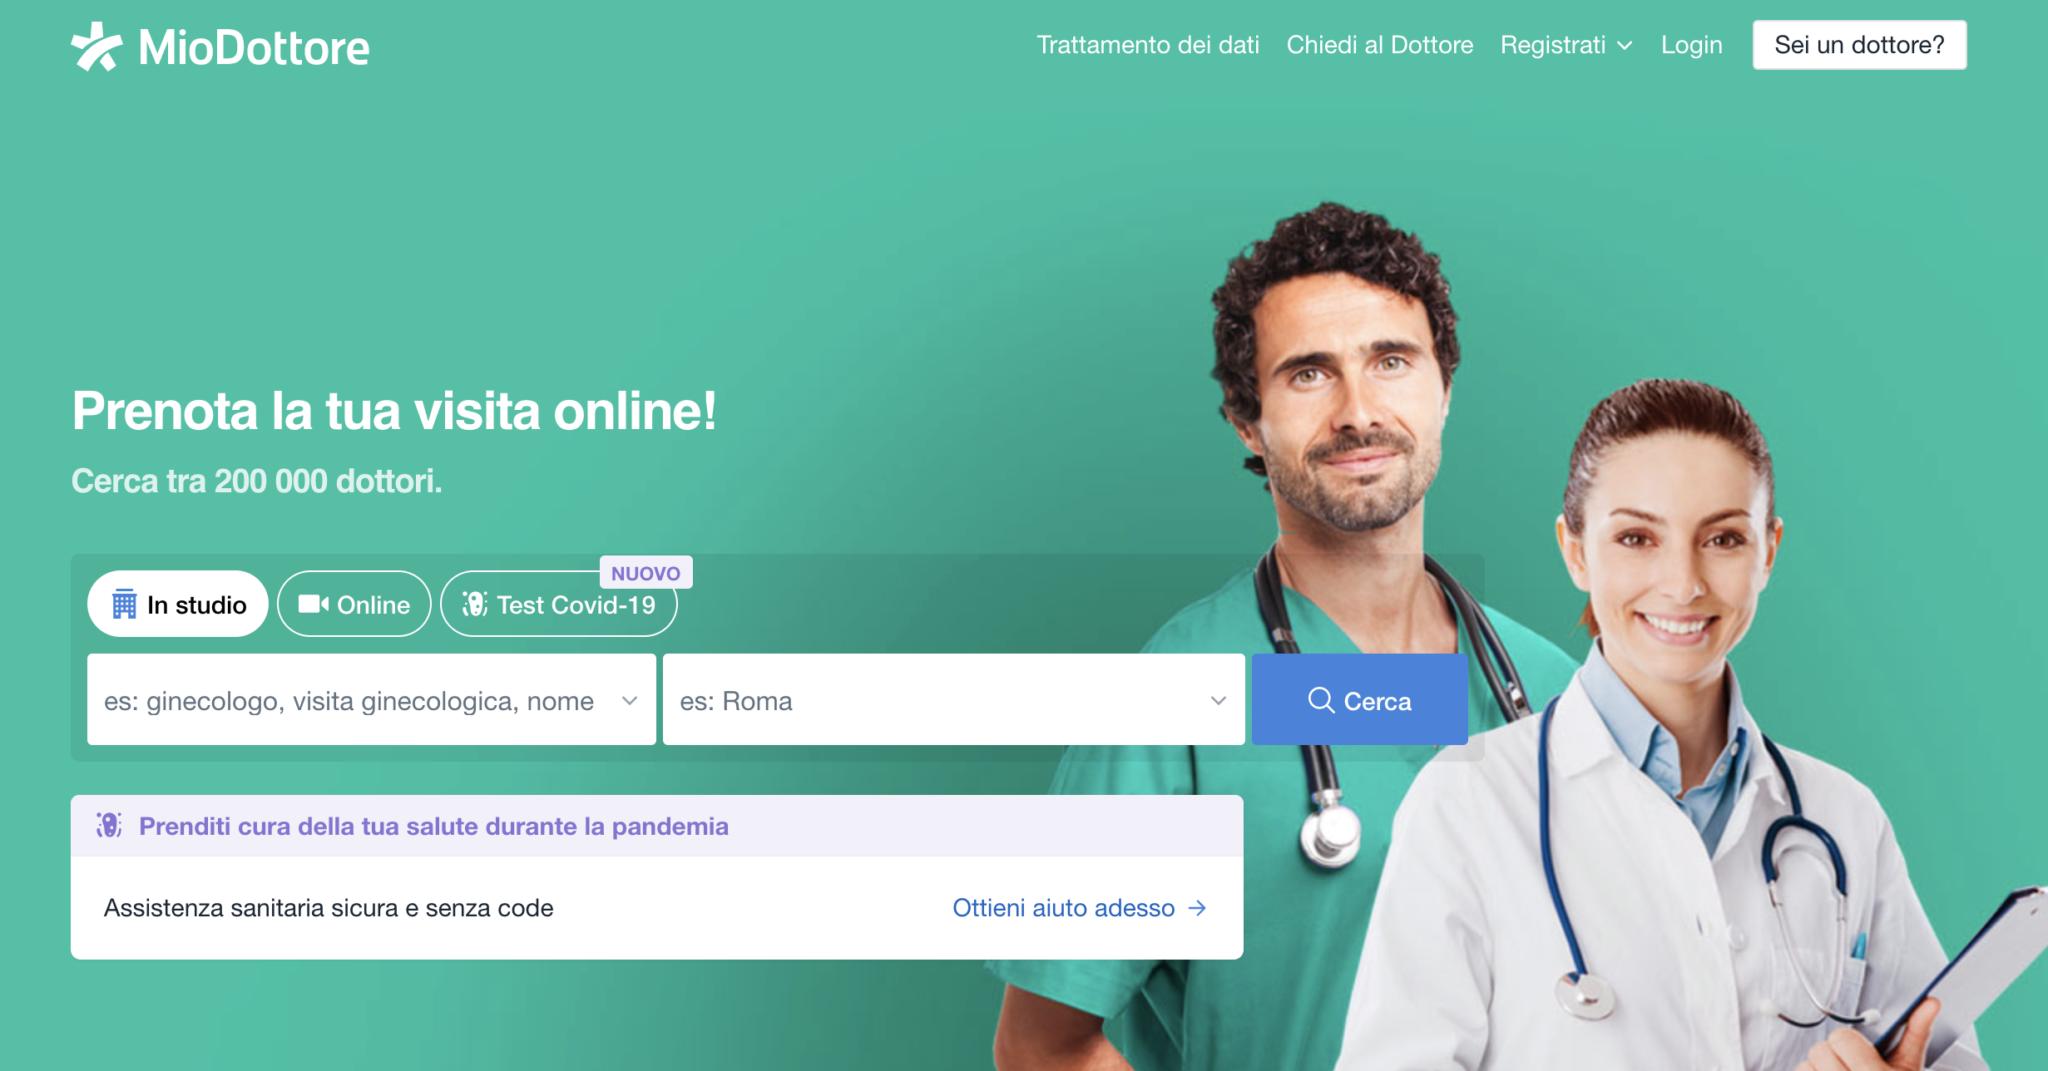 Mio Dottore, l'app per la salute: intervista a Luca Puccioni